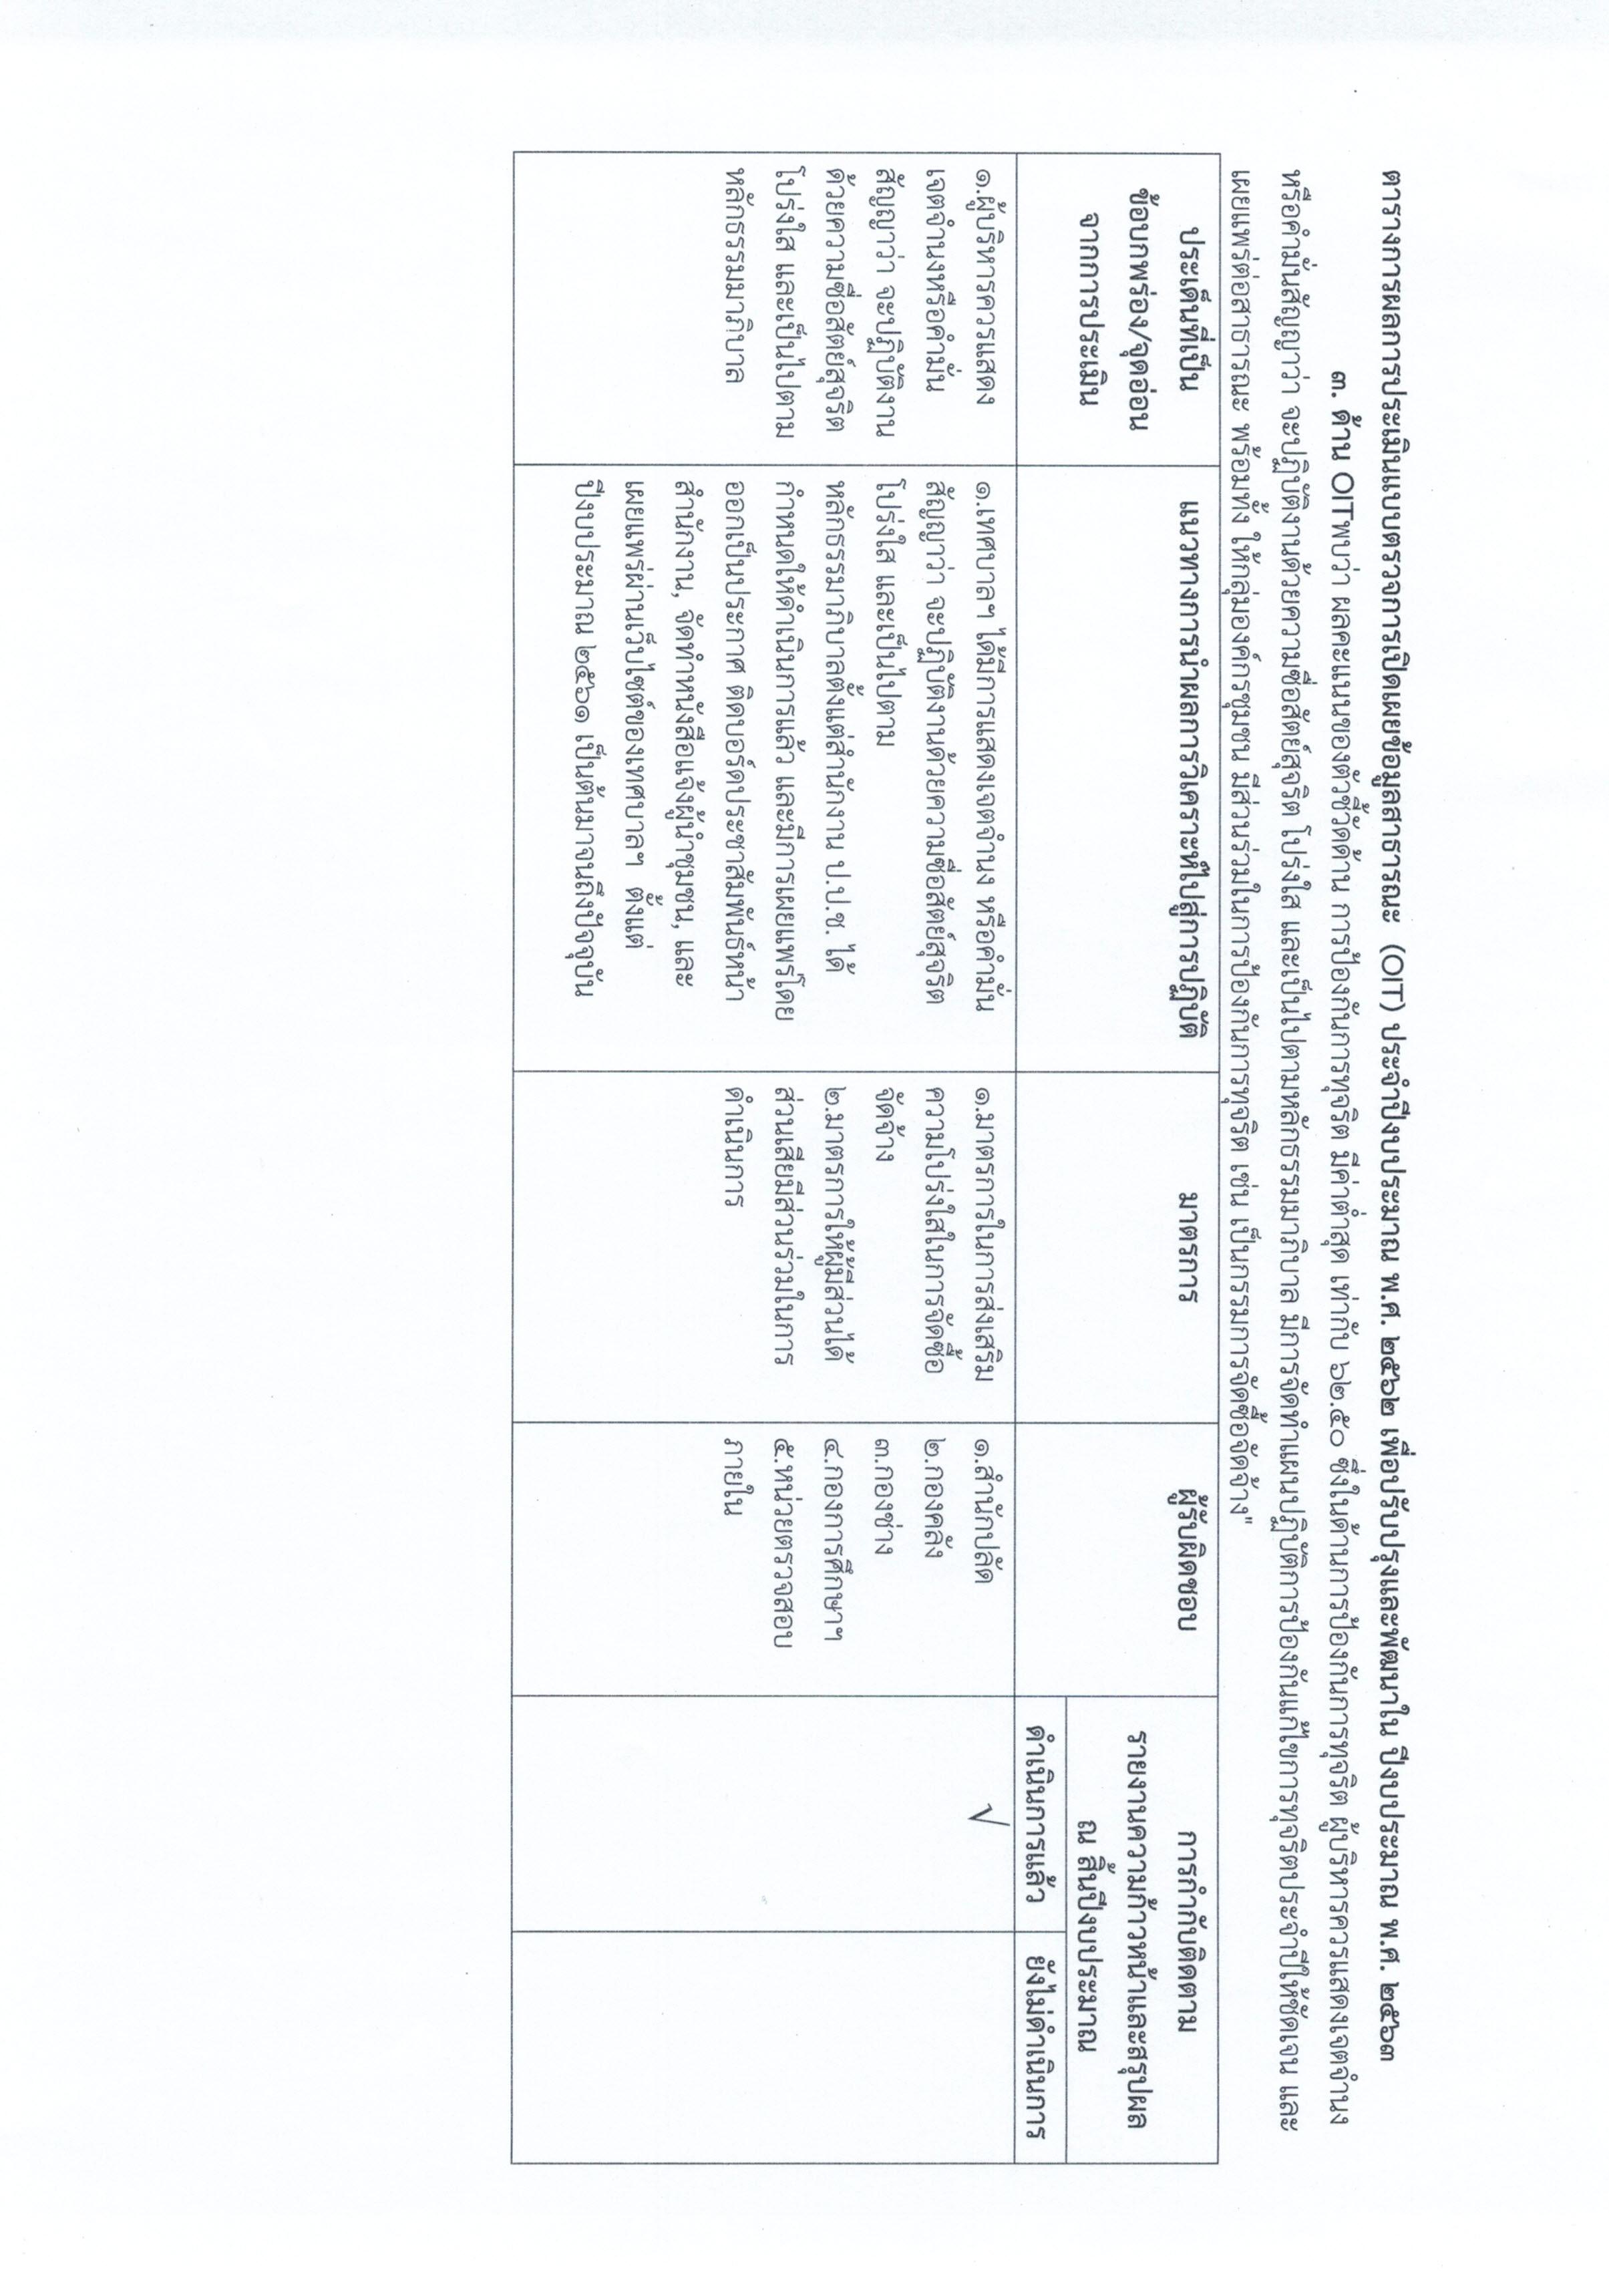 มาตรการส่งเสริมคุณธรรมและความโปร่งใสภายในหน่วยงาน24062563_0008